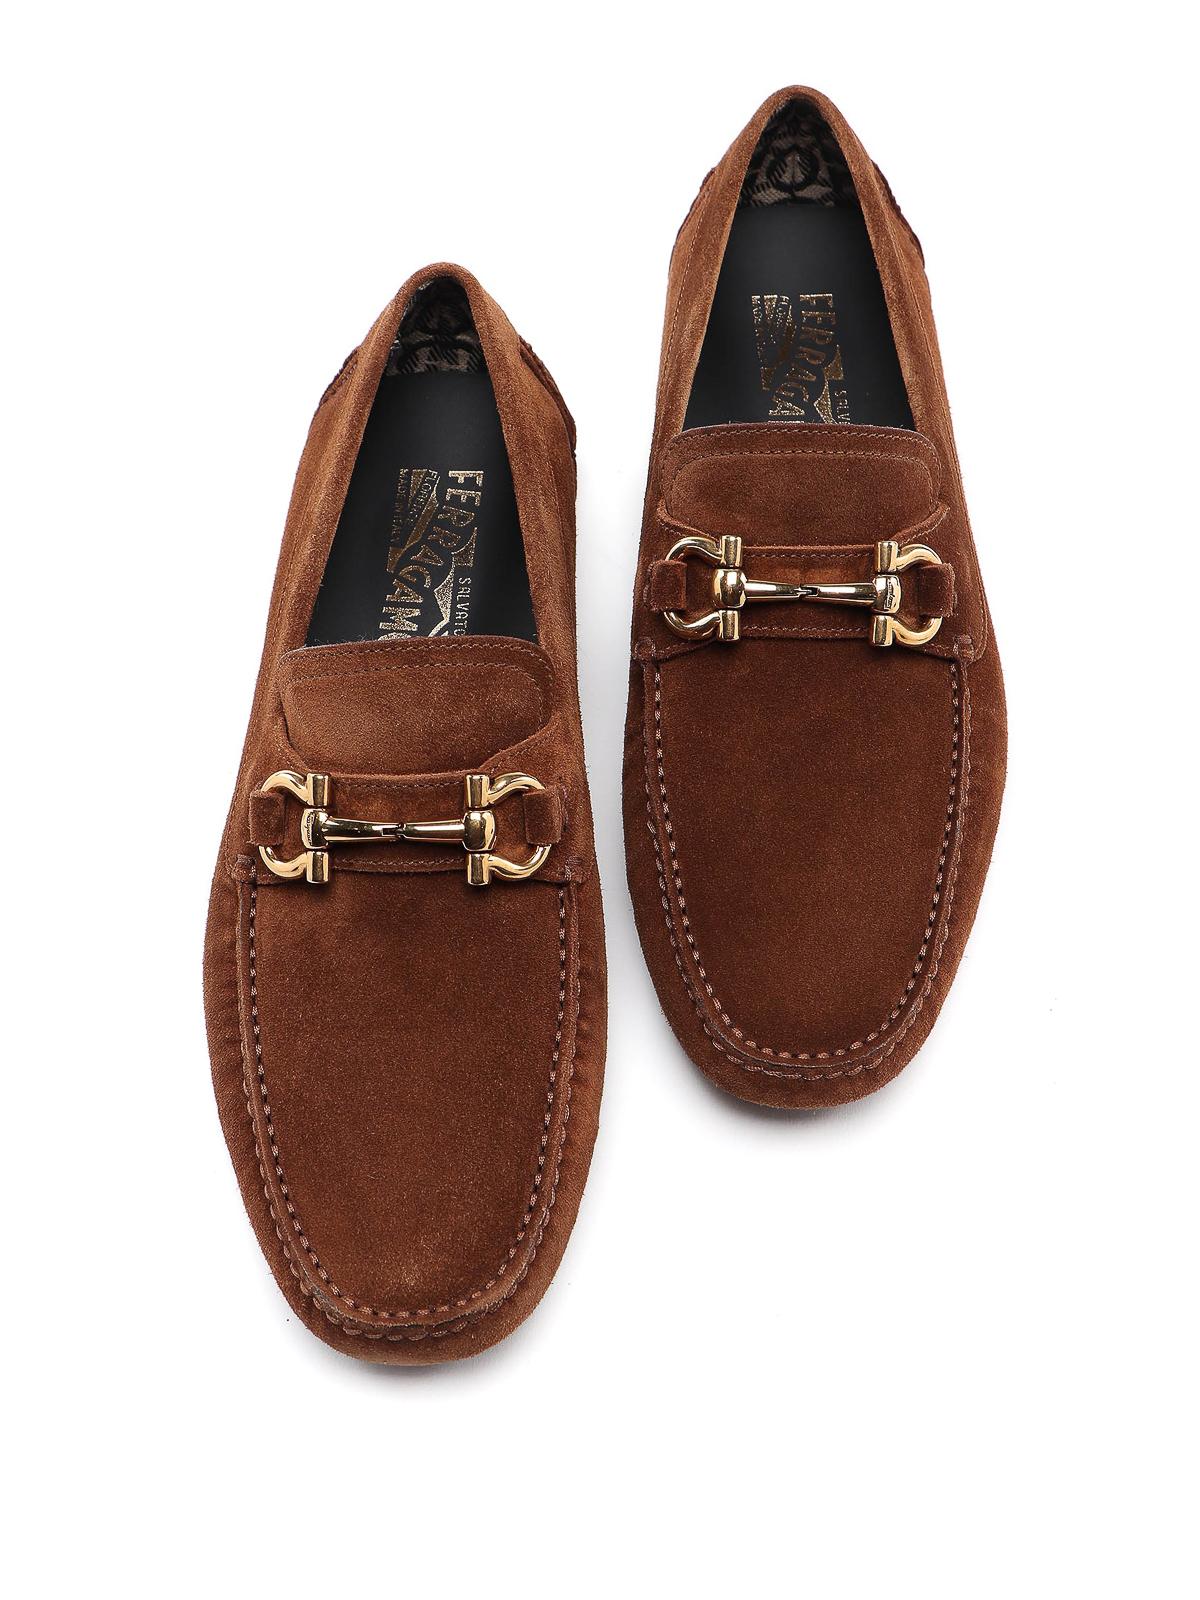 Salvatore Ferragamo - Parigi 20 loafers